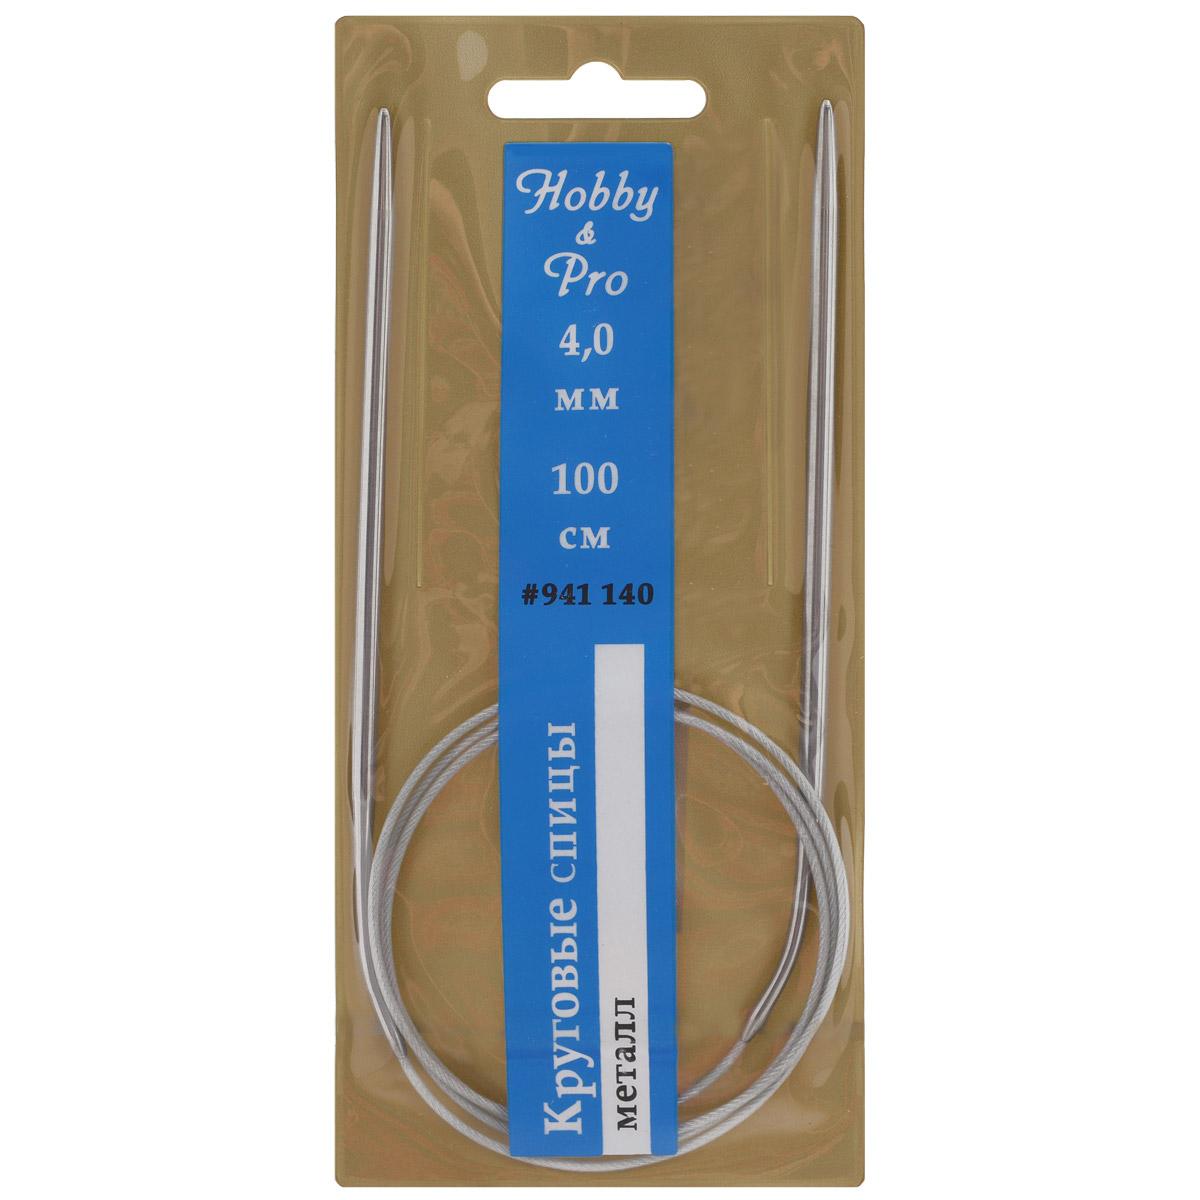 Спицы Hobby & Pro, металлические, круговые, диаметр 4 мм, длина 100 см677204Спицы для вязания Hobby & Pro изготовлены из высококачественного металла. Кончики спиц закругленные. Спица к основанию сужается и имеет небольшой изгиб, который облегчает перекидывание петель. Спицы скреплены гибким металлическим шнуром.Спицы прочные, легкие, гладкие, удобные в использовании. Круговые спицы наиболее удобны для выполнения деталей и изделий, не имеющих швов. Короткими круговыми спицами вяжут бейки горловины, воротники-гольф, длинными спицами можно вязать по кругу целые модели. Вы сможете вязать для себя, делать подарки друзьям. Рукоделие всегда считалось изысканным, благородным делом. Работа, сделанная своими руками, долго будет радовать вас и ваших близких.